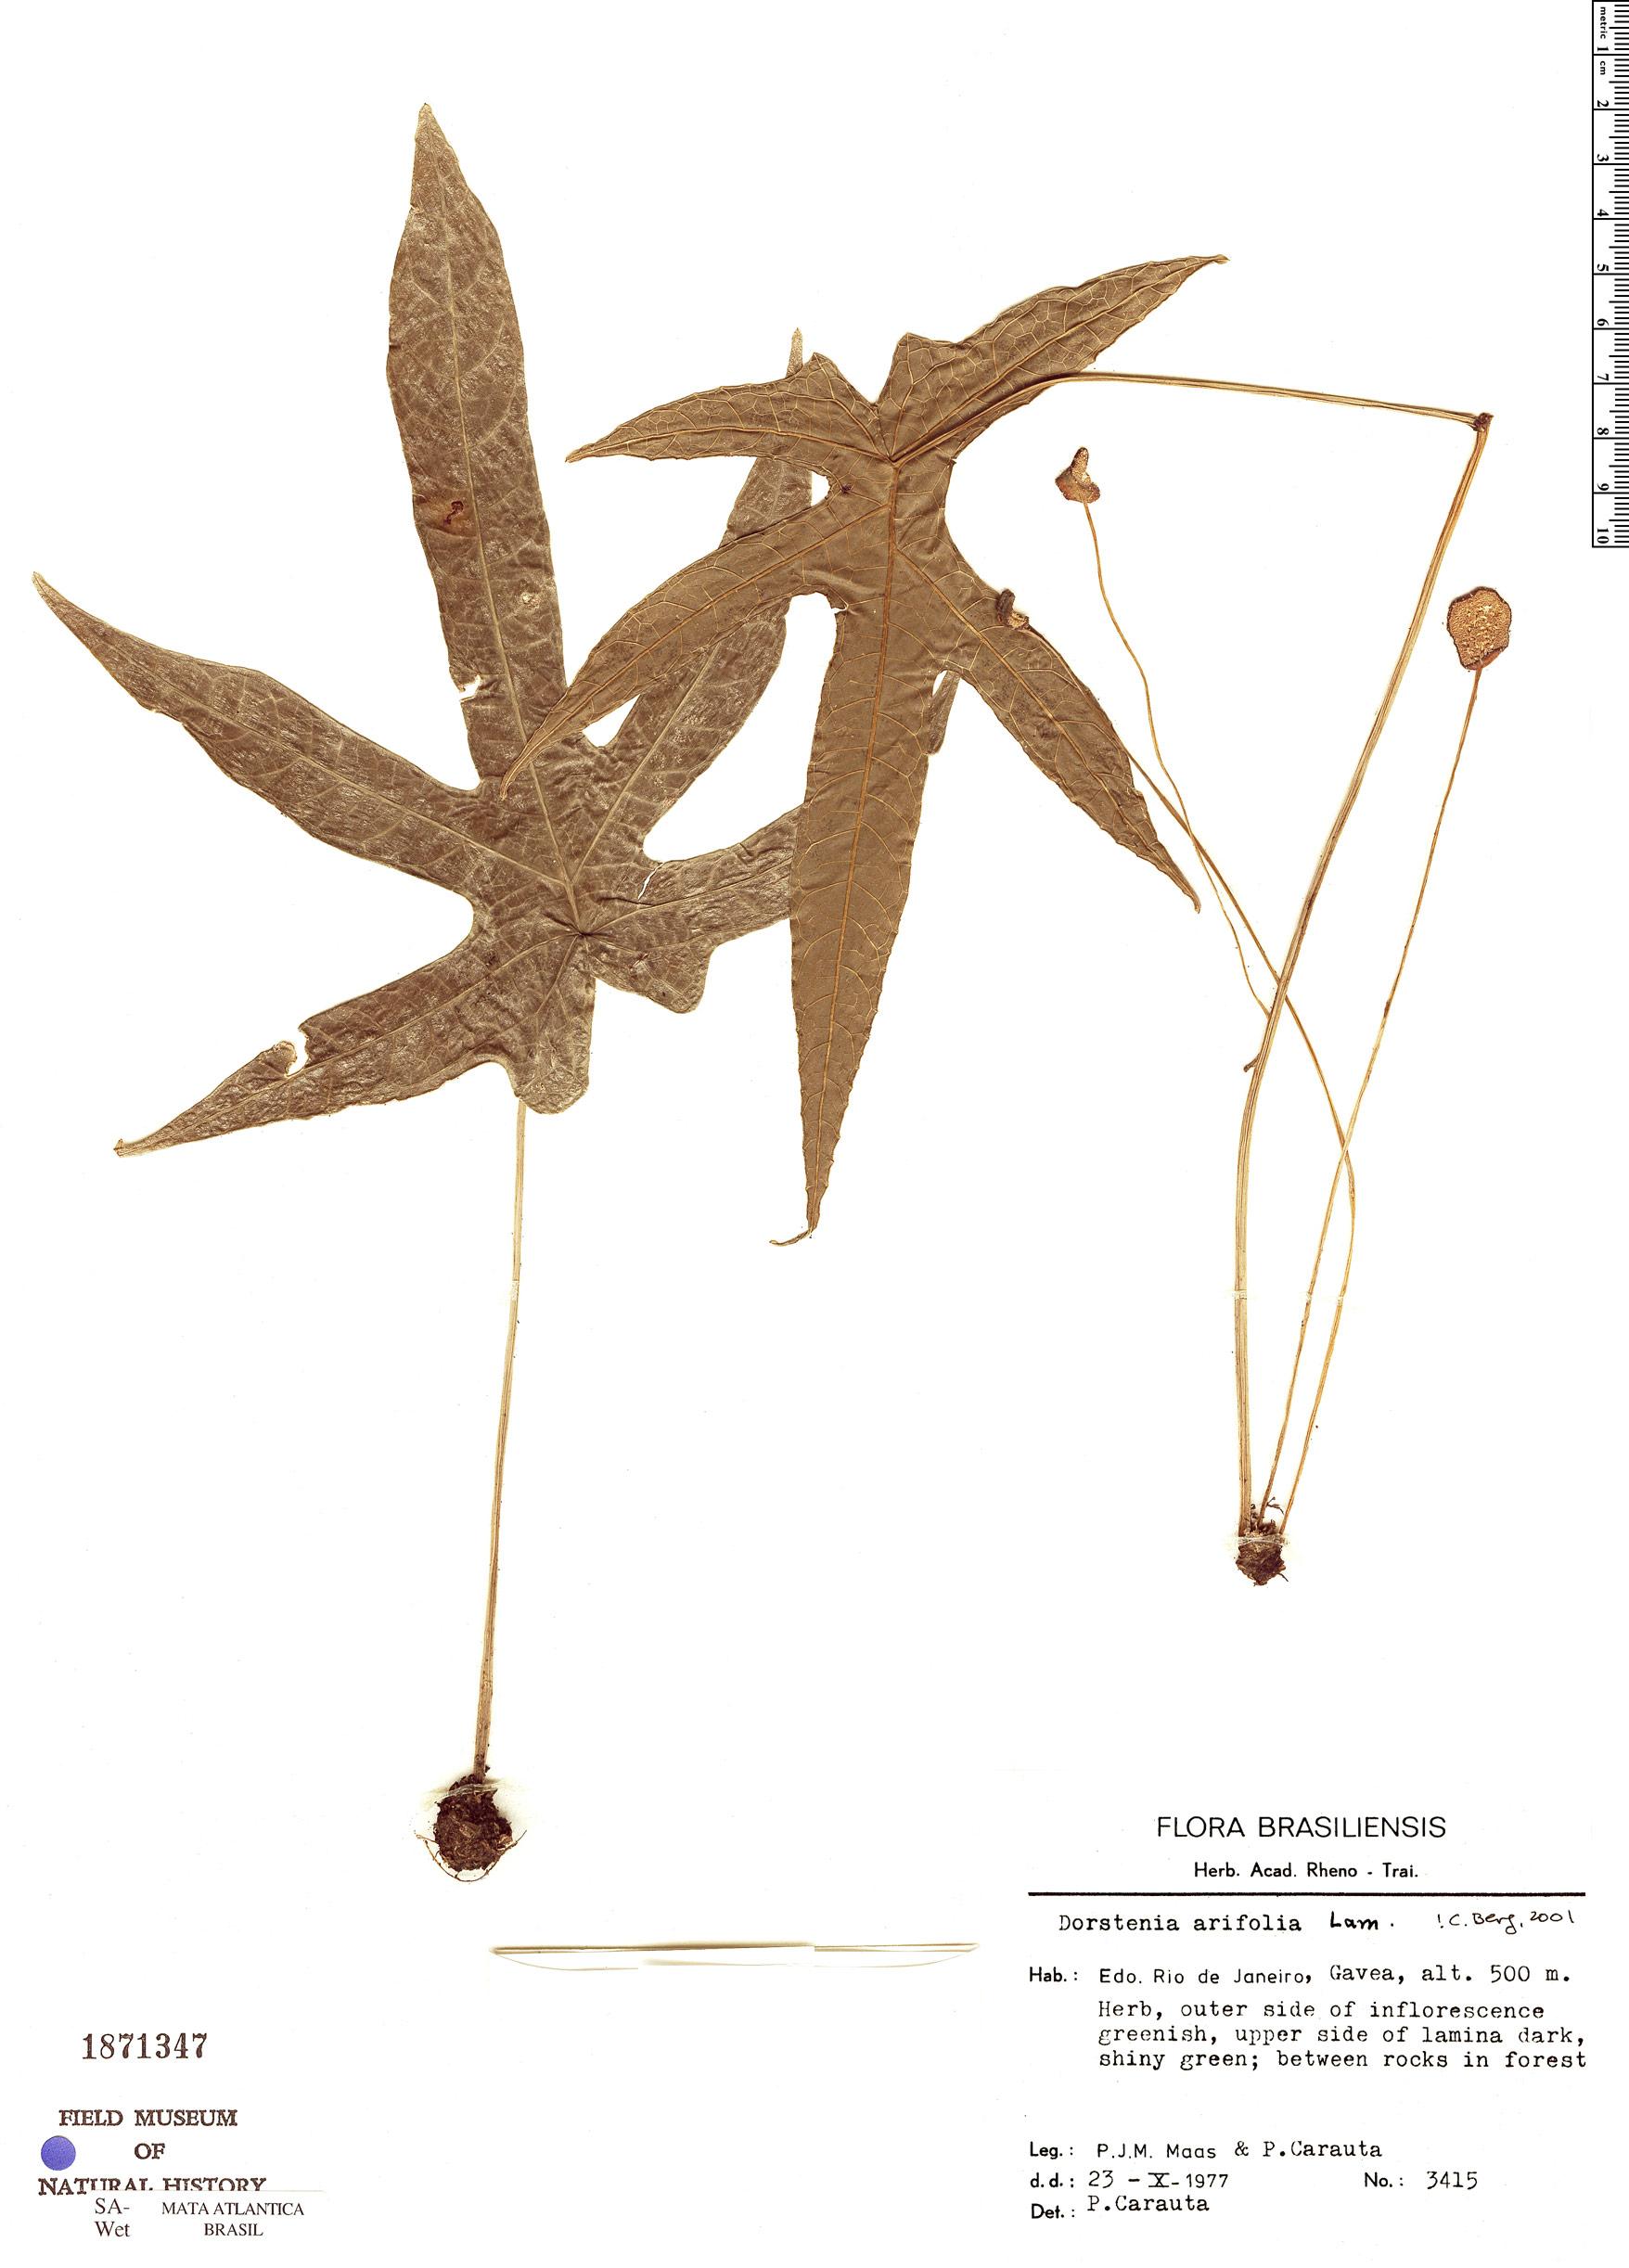 Specimen: Dorstenia arifolia